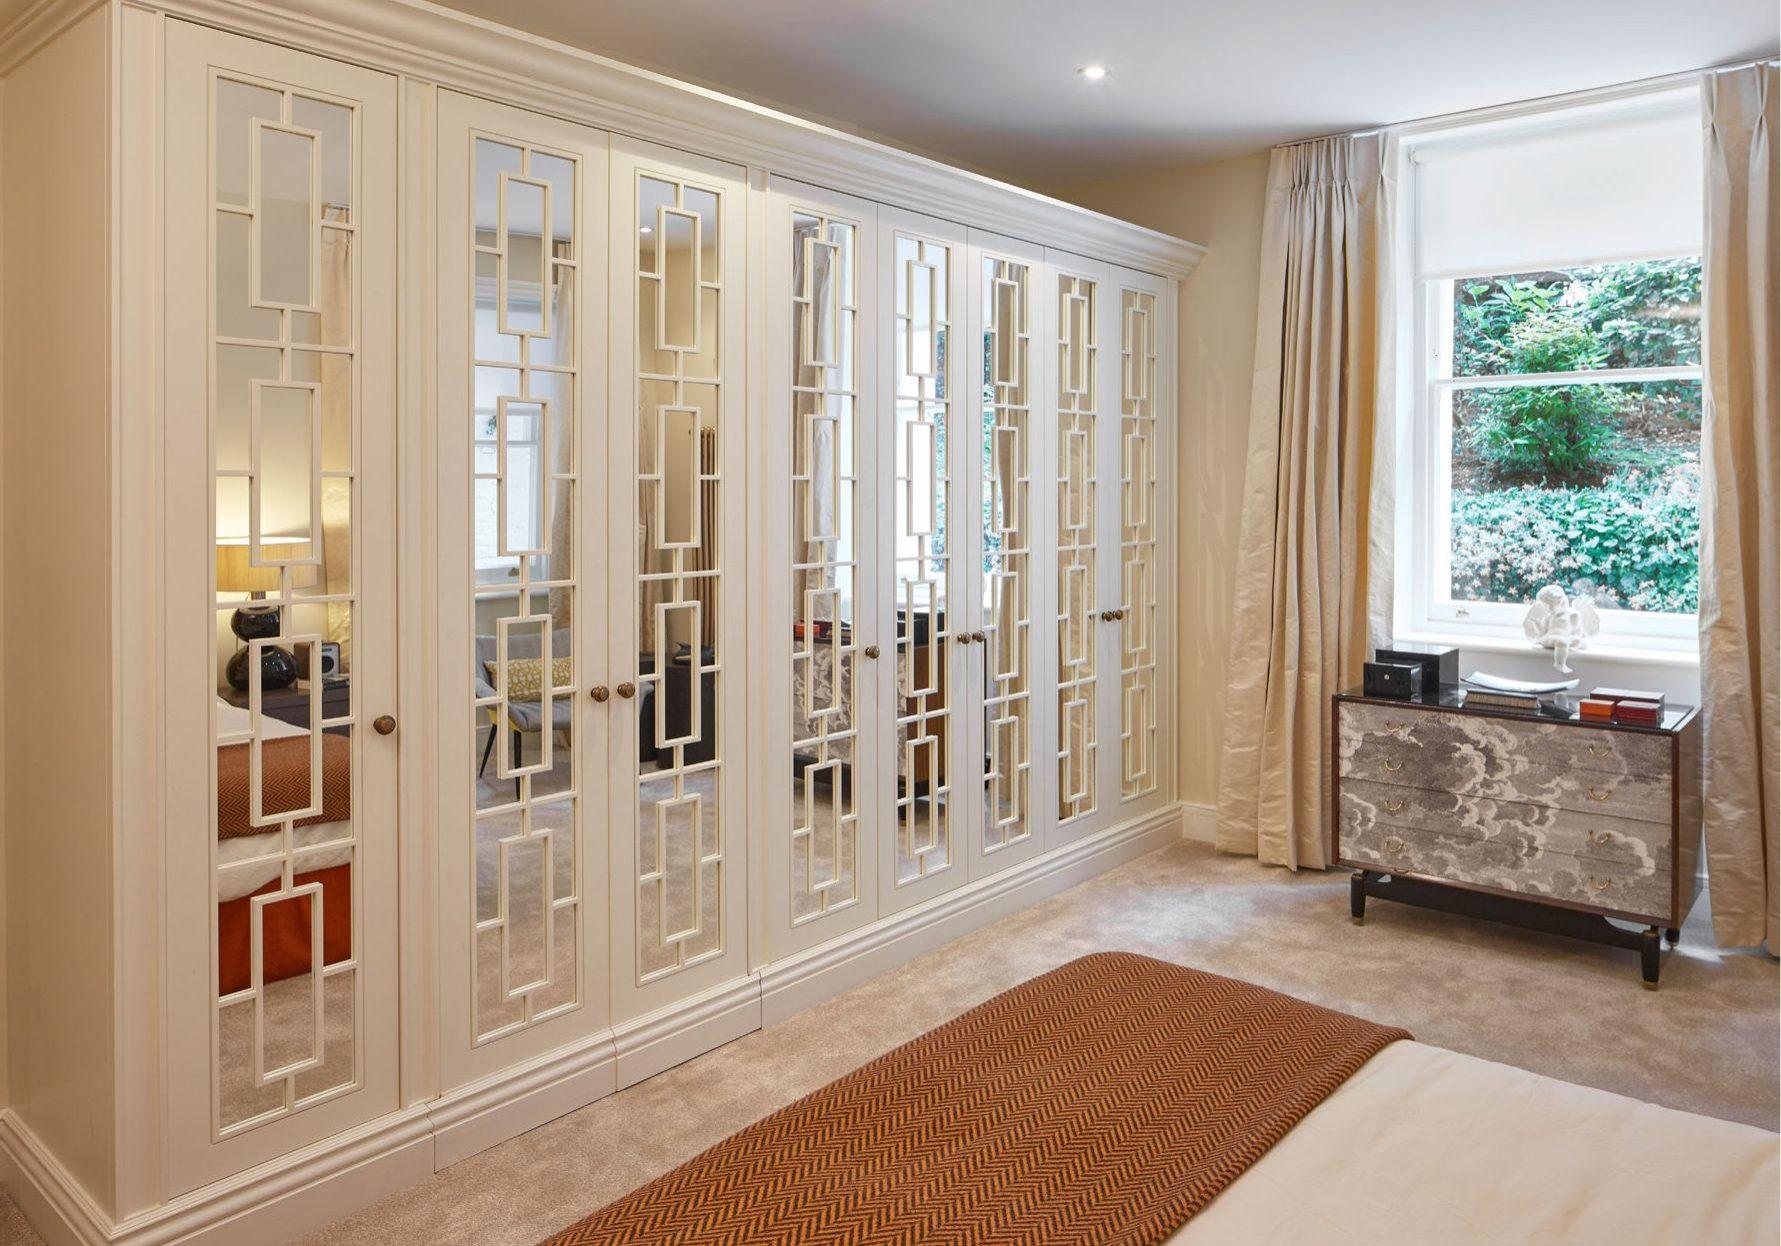 Изготовление шкафов из МДФ крашенный эмаль с раскладкой на зеркале с межкомнатными дверями